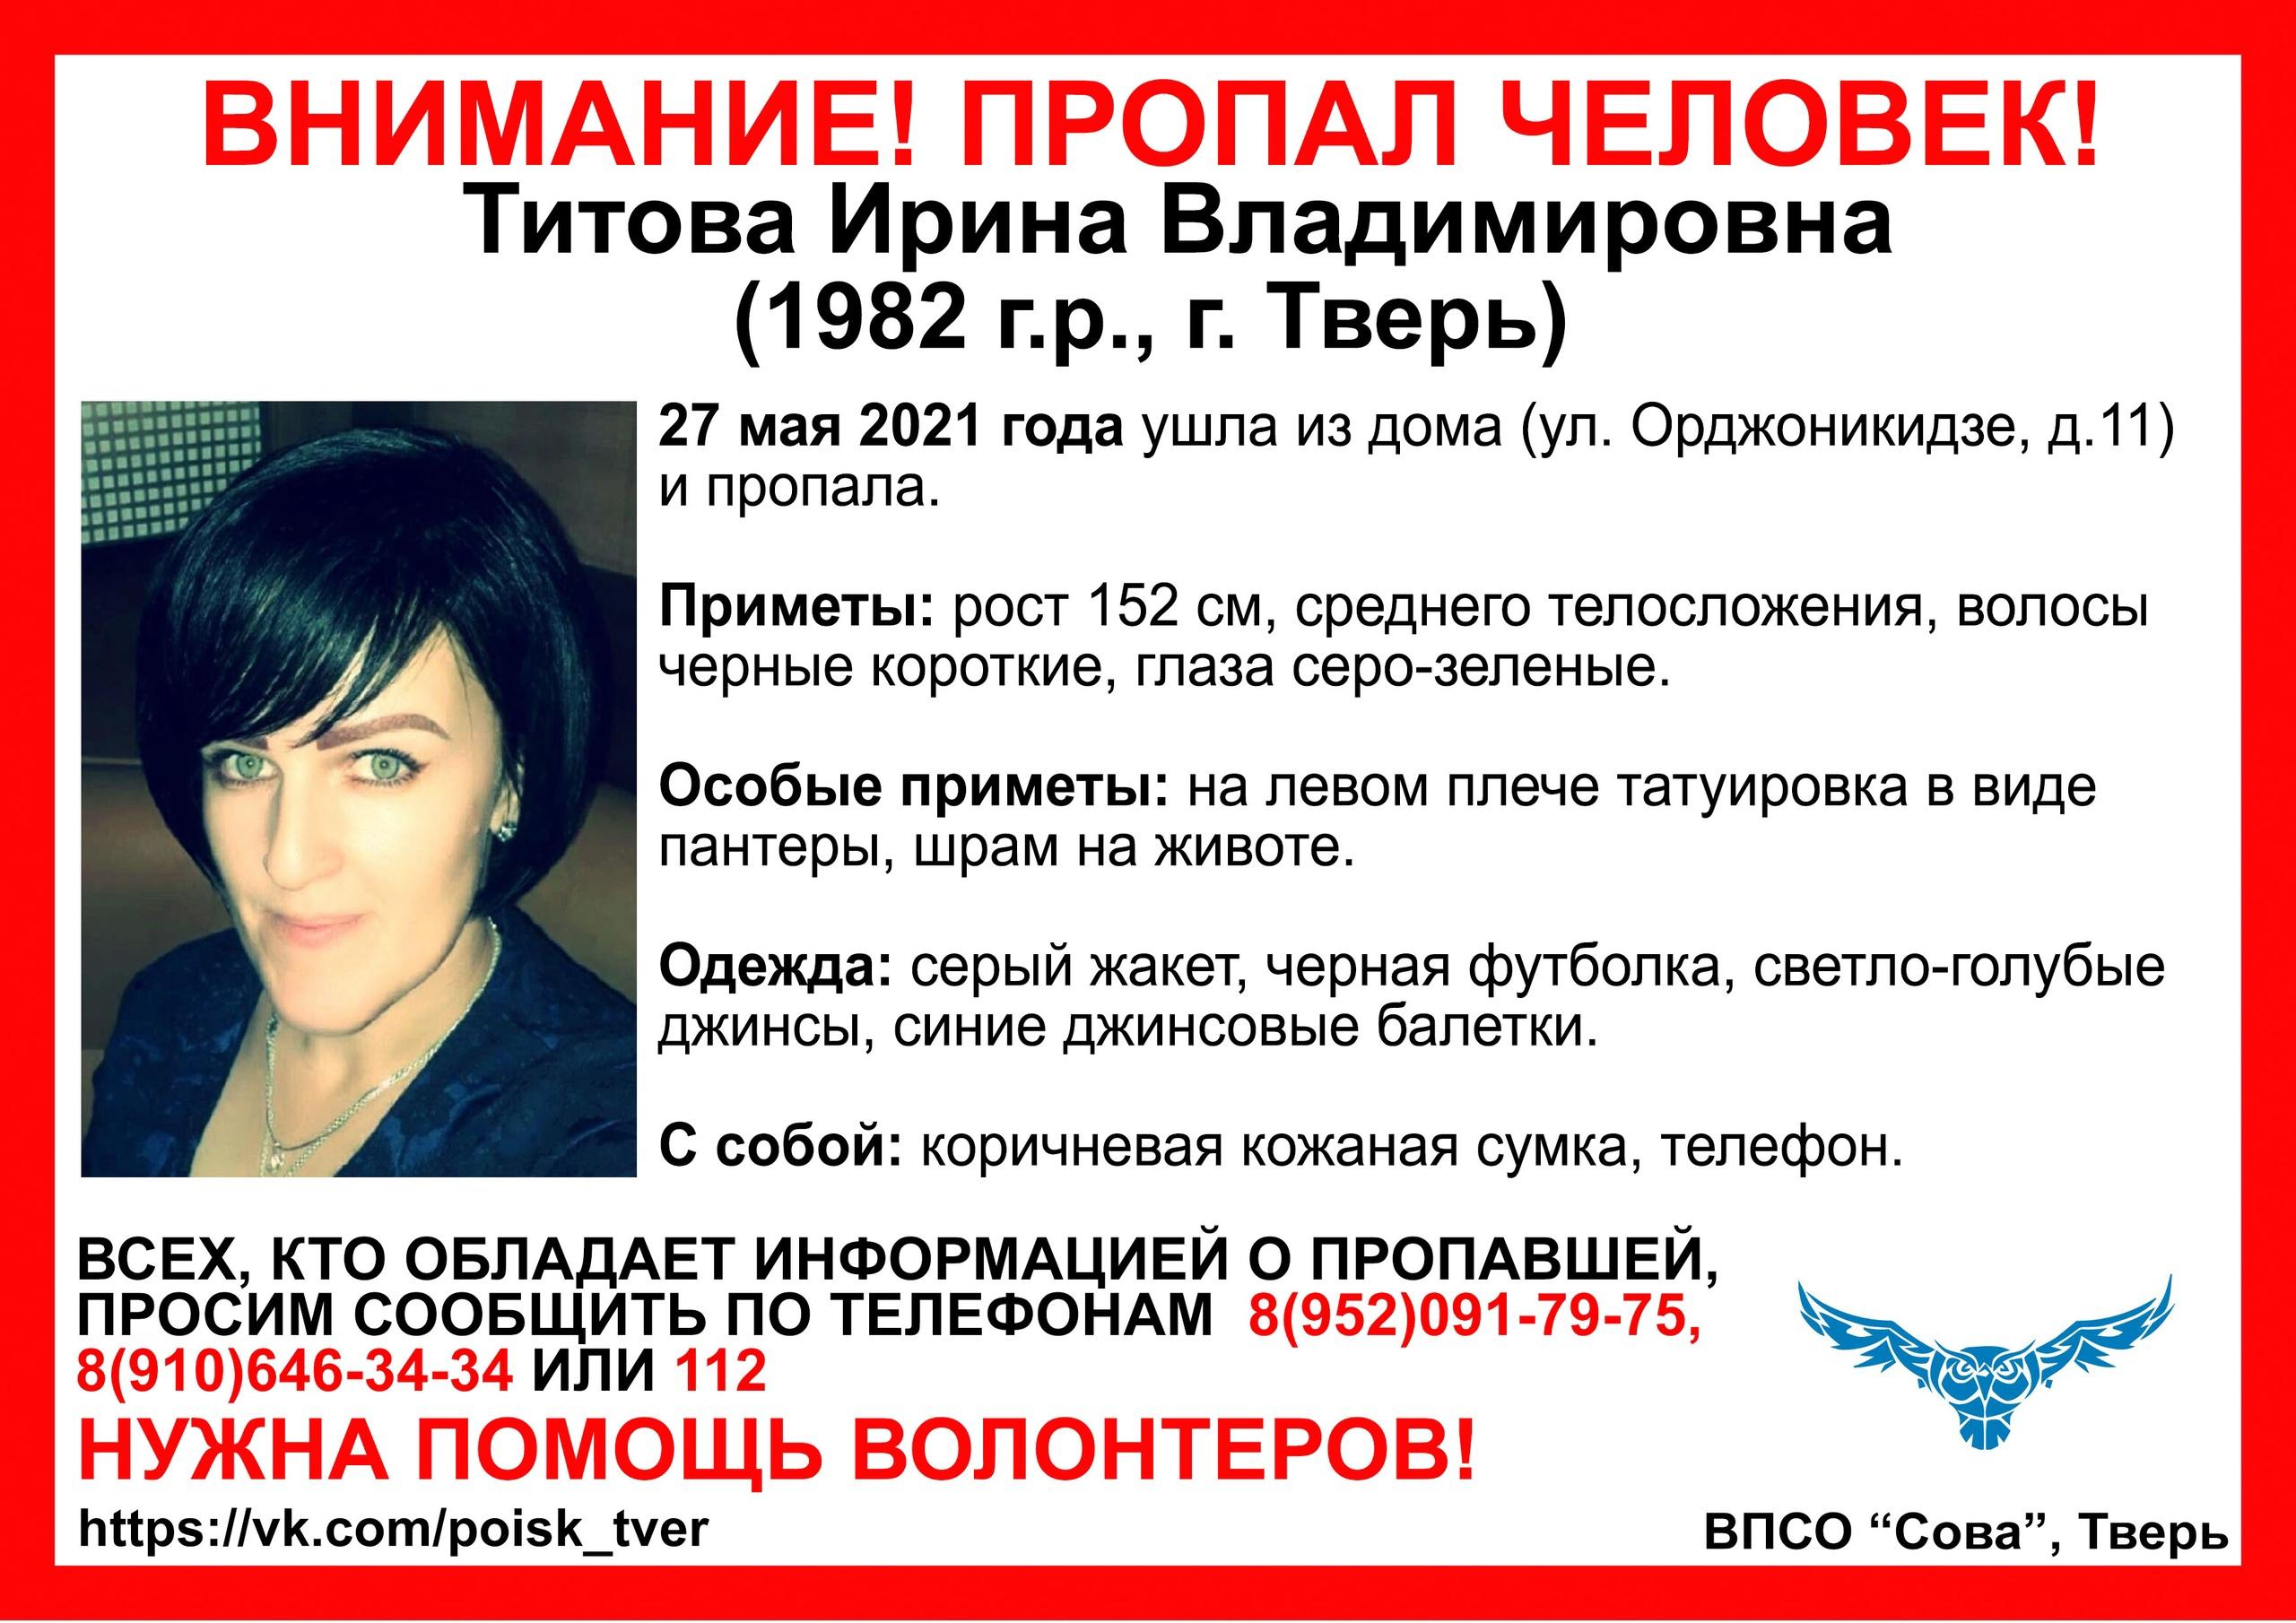 В Твери пропала 38-летняя женщина с короткой тёмной стрижкой